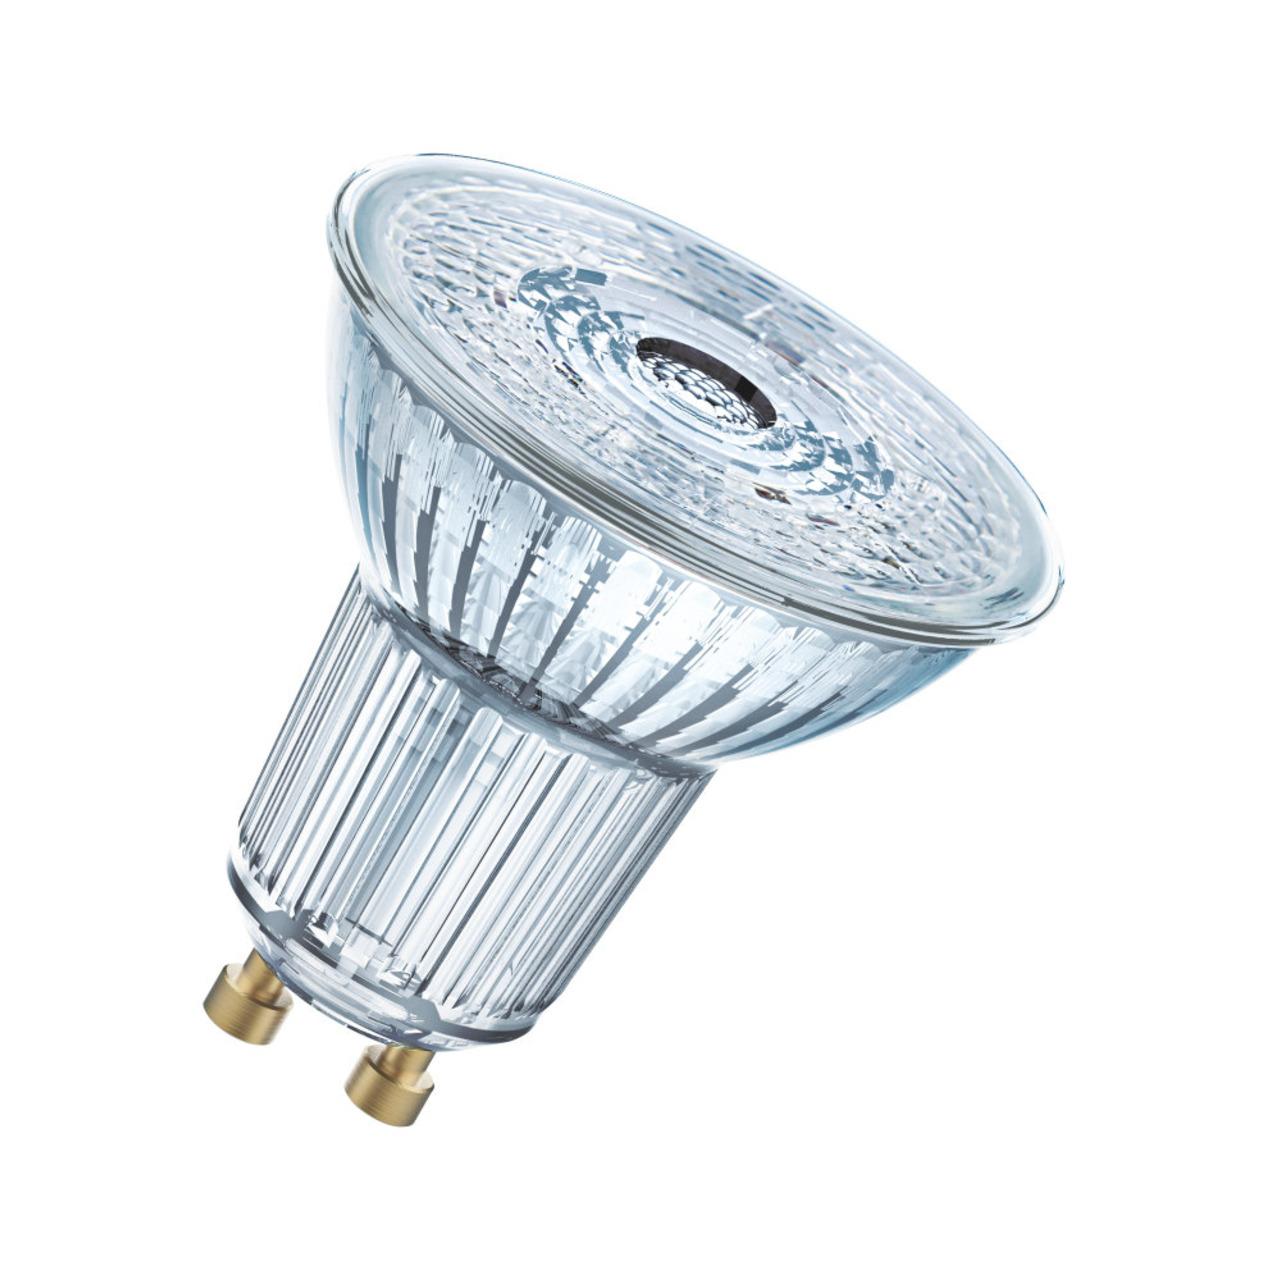 OSRAM 6-9-W-LED-Lampe PAR51- GU10- 570 lm- neutralweiss- 36-